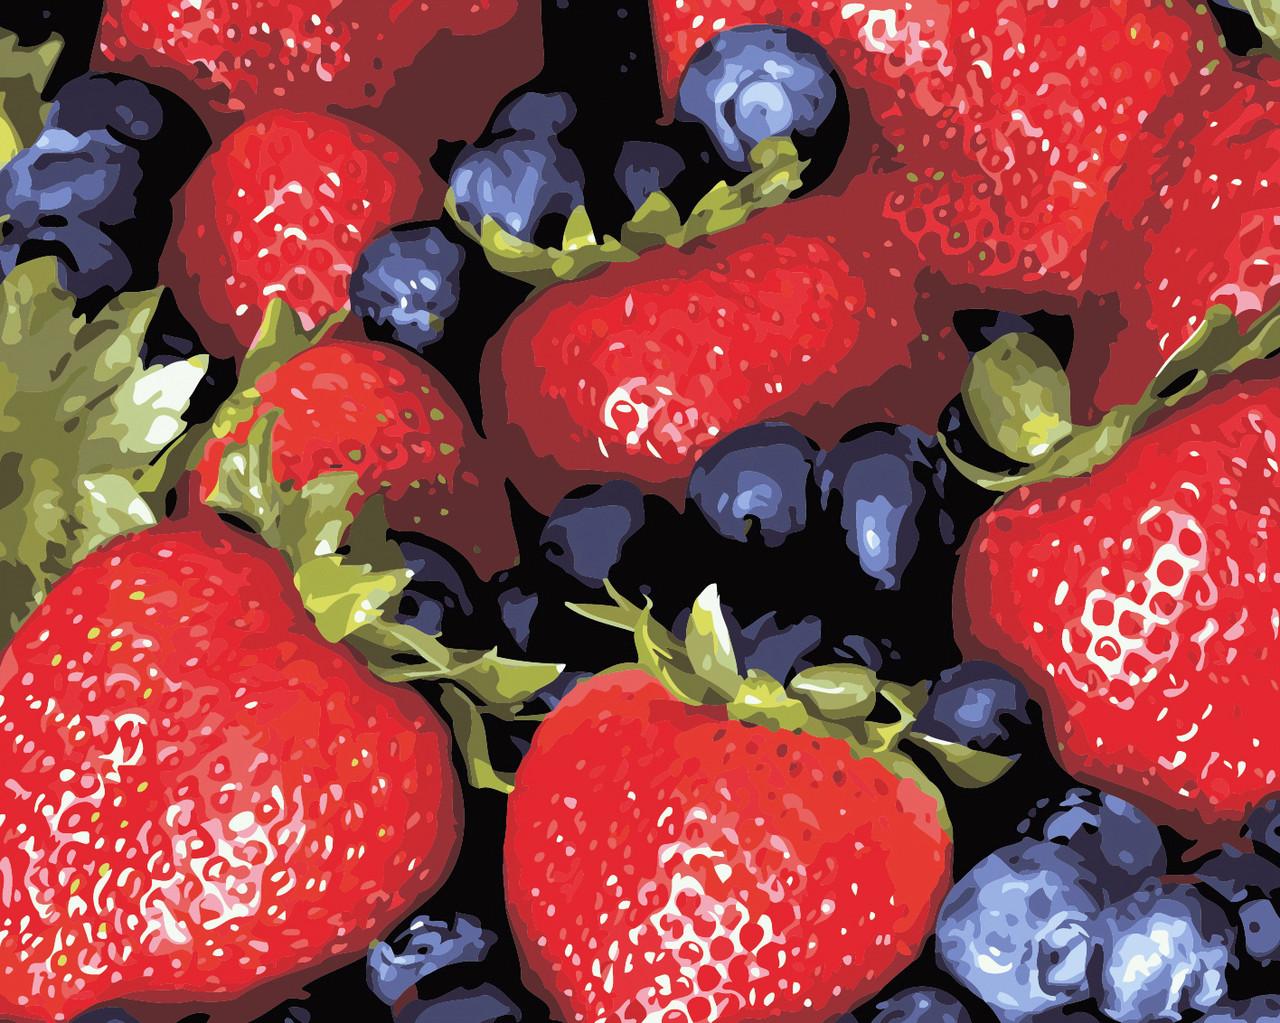 Художественный творческий набор, картина по номерам Сочные ягоды, 50x40 см, «Art Story» (AS0466)